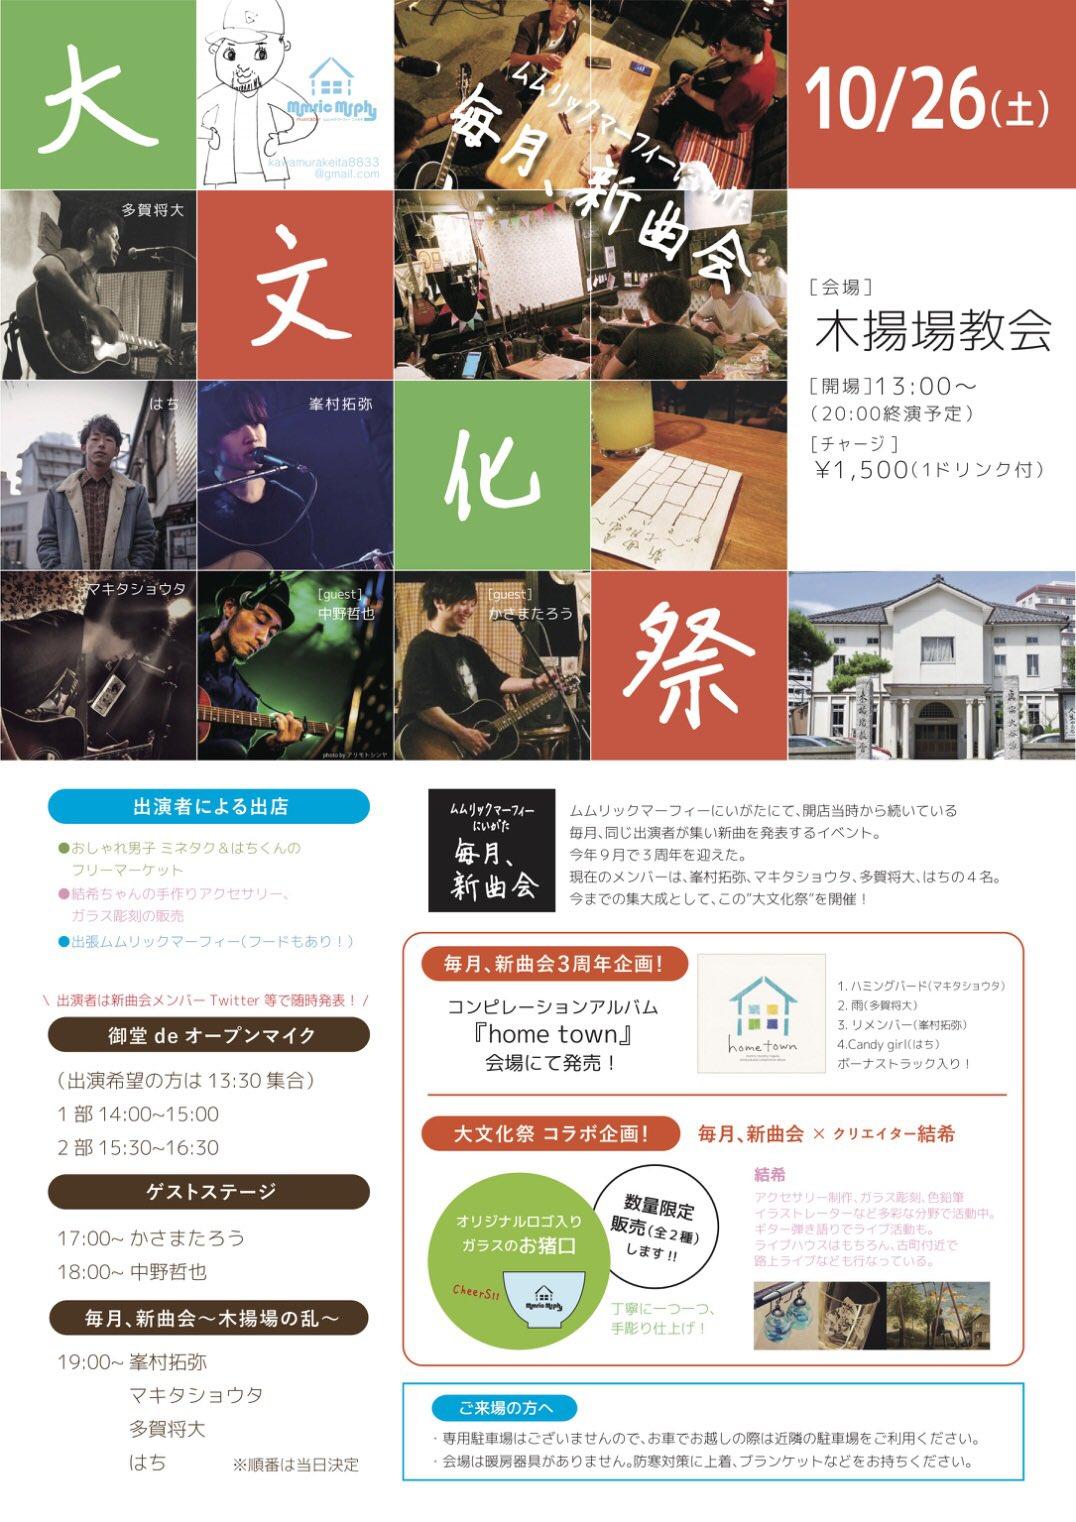 毎月、新曲会  大文化祭  at木揚場教会